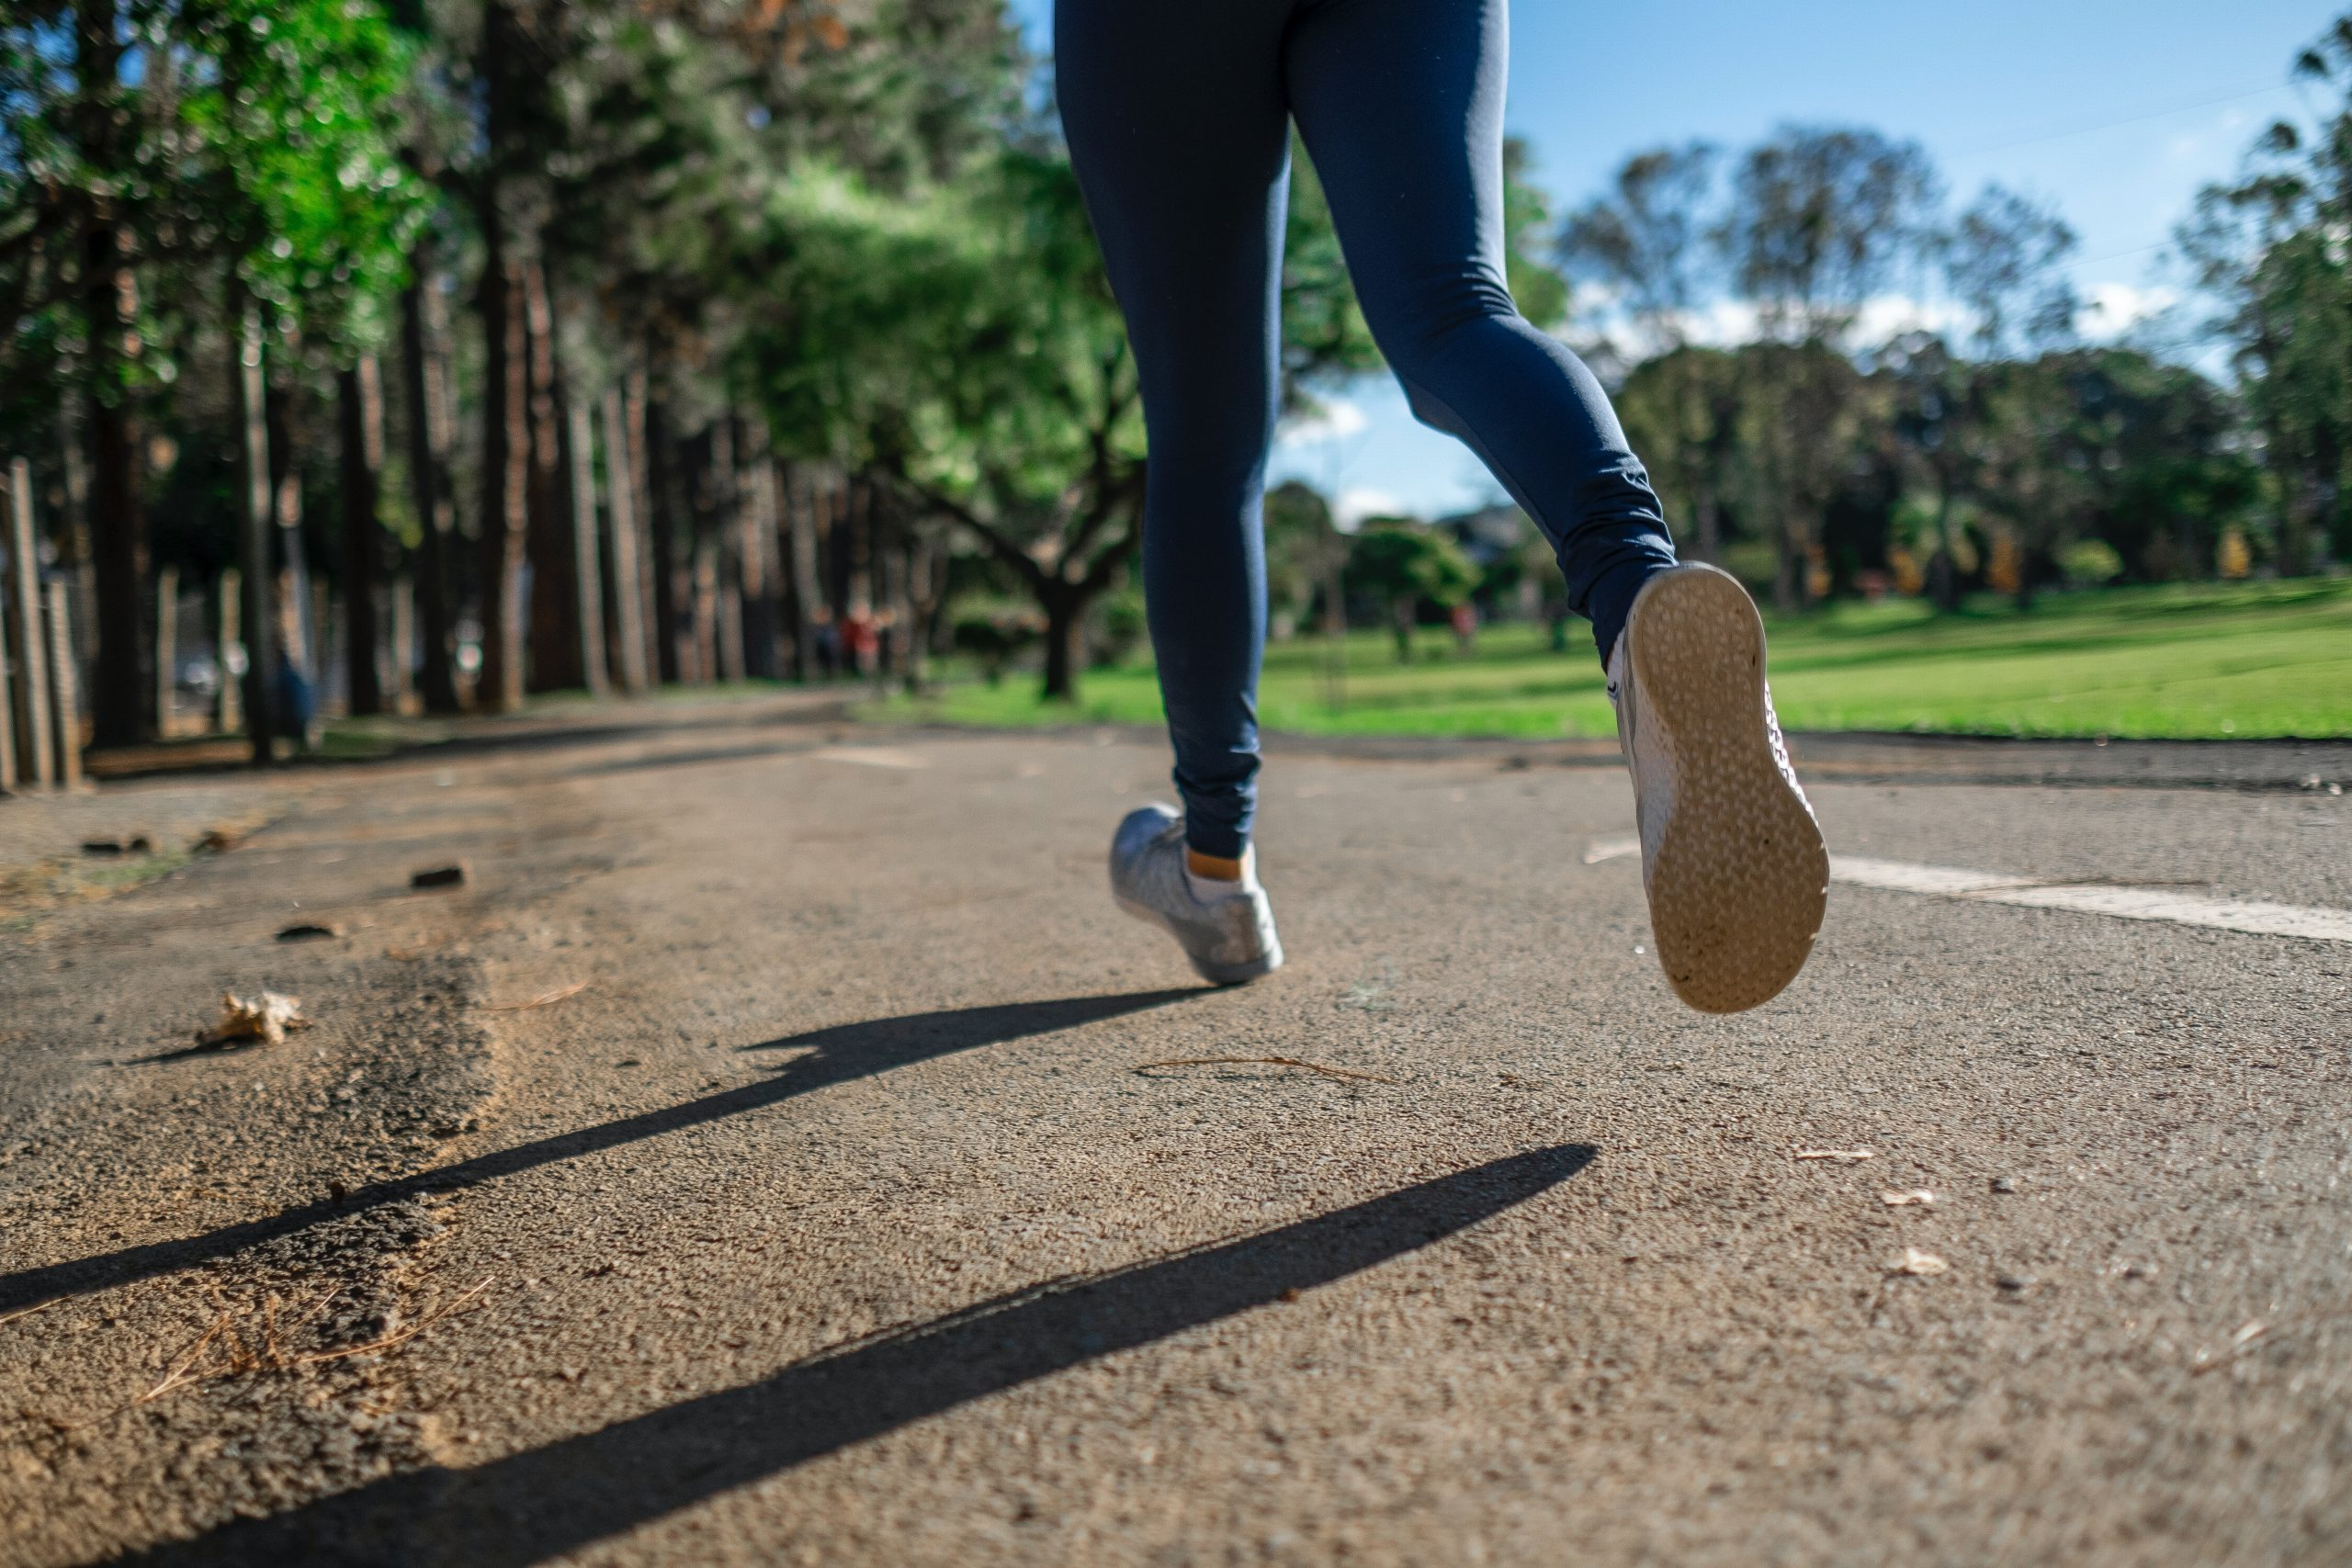 Frau mit Turnschuhen beim Jogging auf Asphaltweg; im Hintergrund sind Bäume und eine Rasenfläche